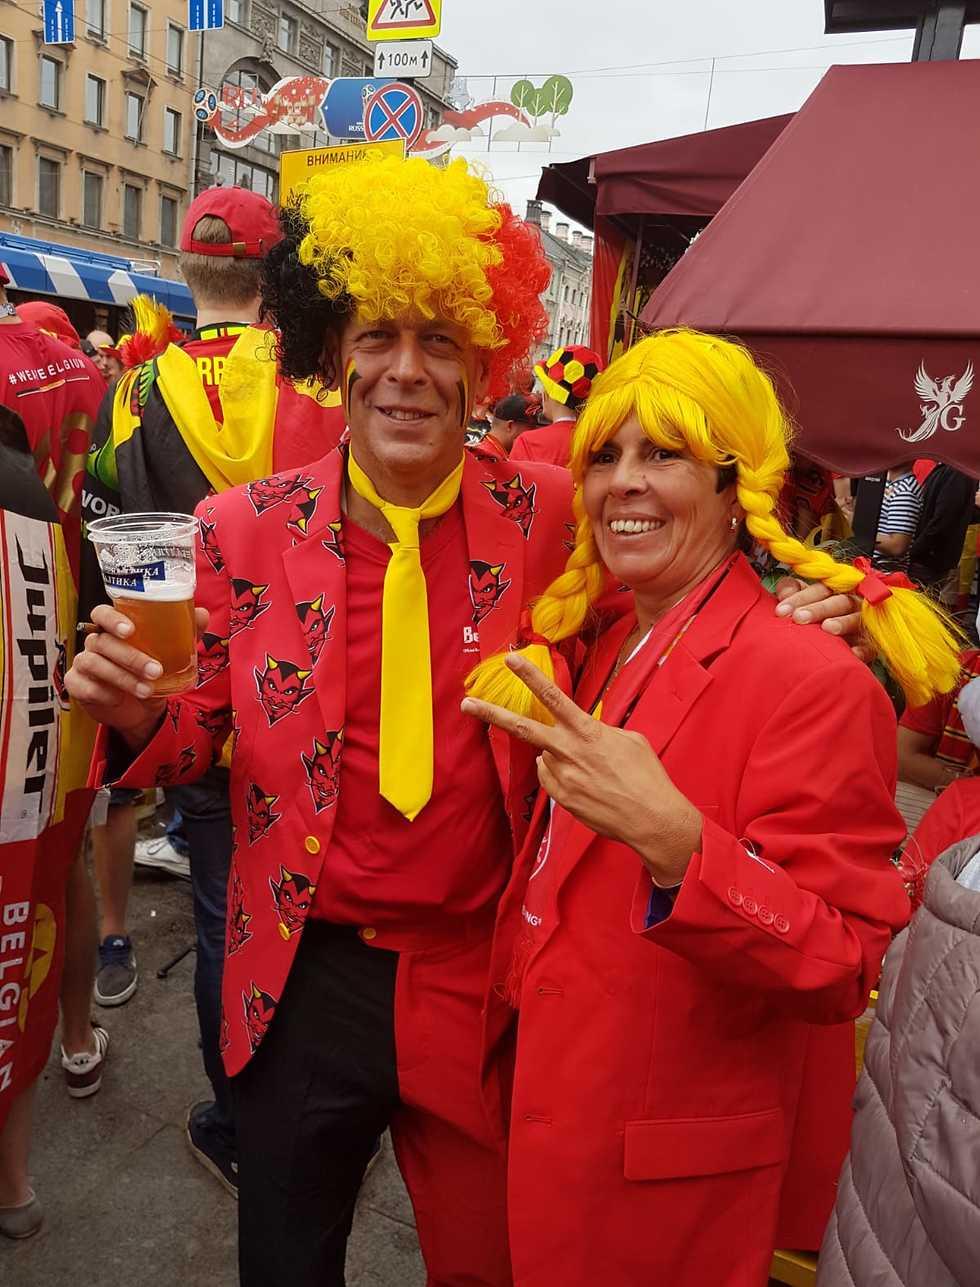 אוהדי בלגיה מתחממים לצרפת (צילום: פרטי)